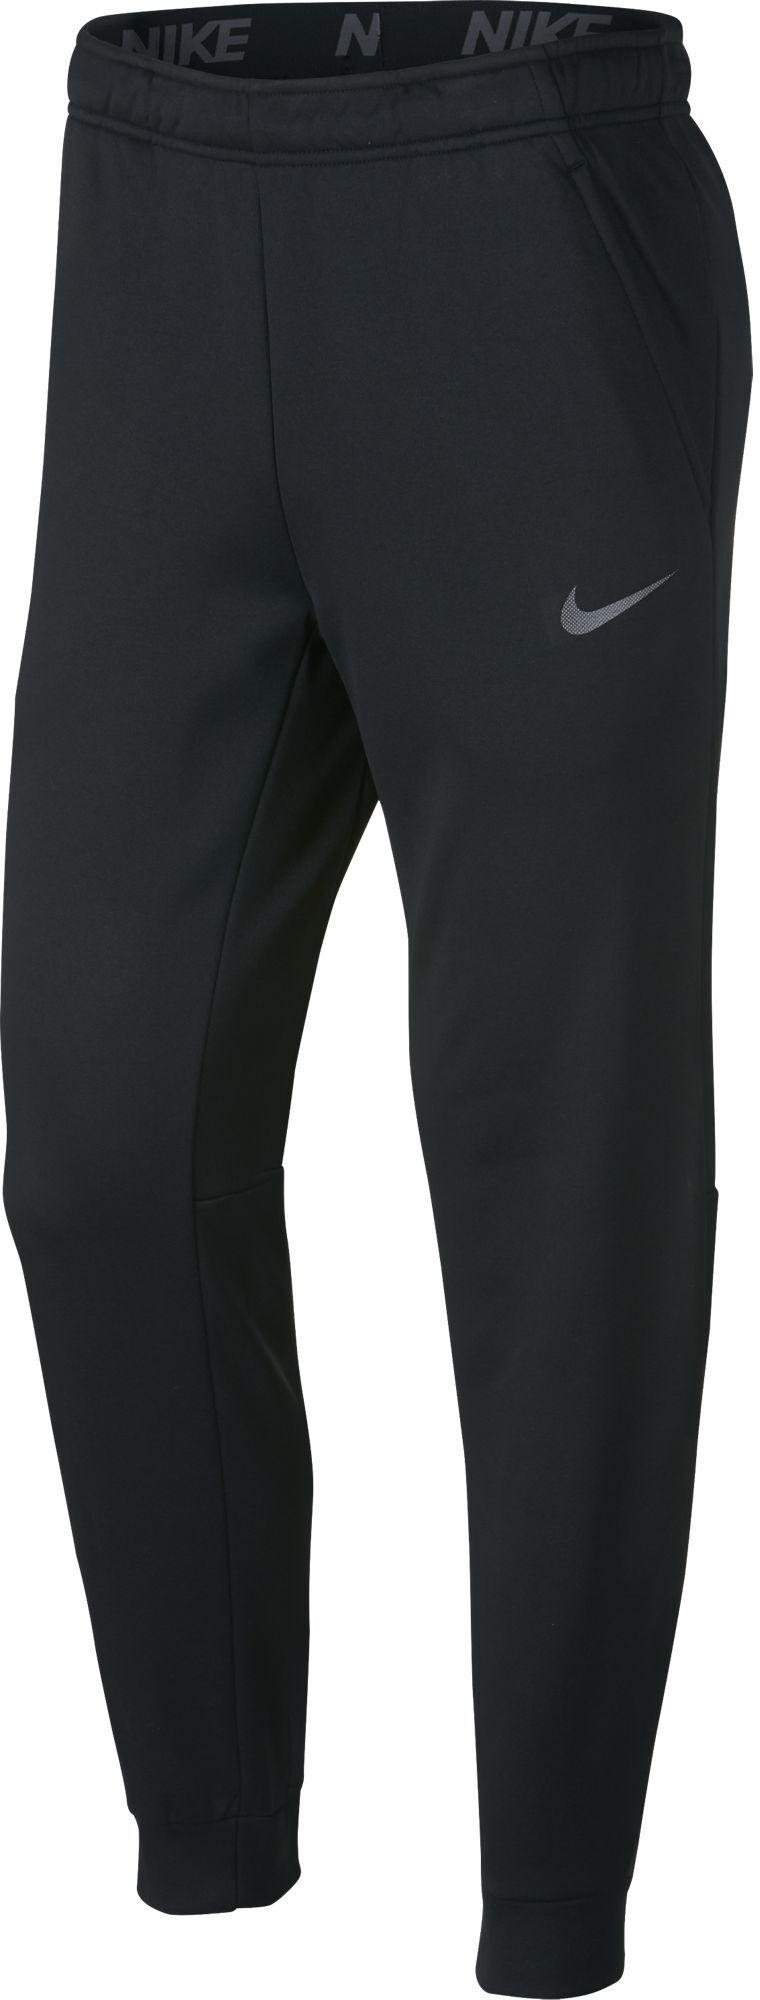 Nike joggingbroek kopen? Bekijk de nieuwste collectie